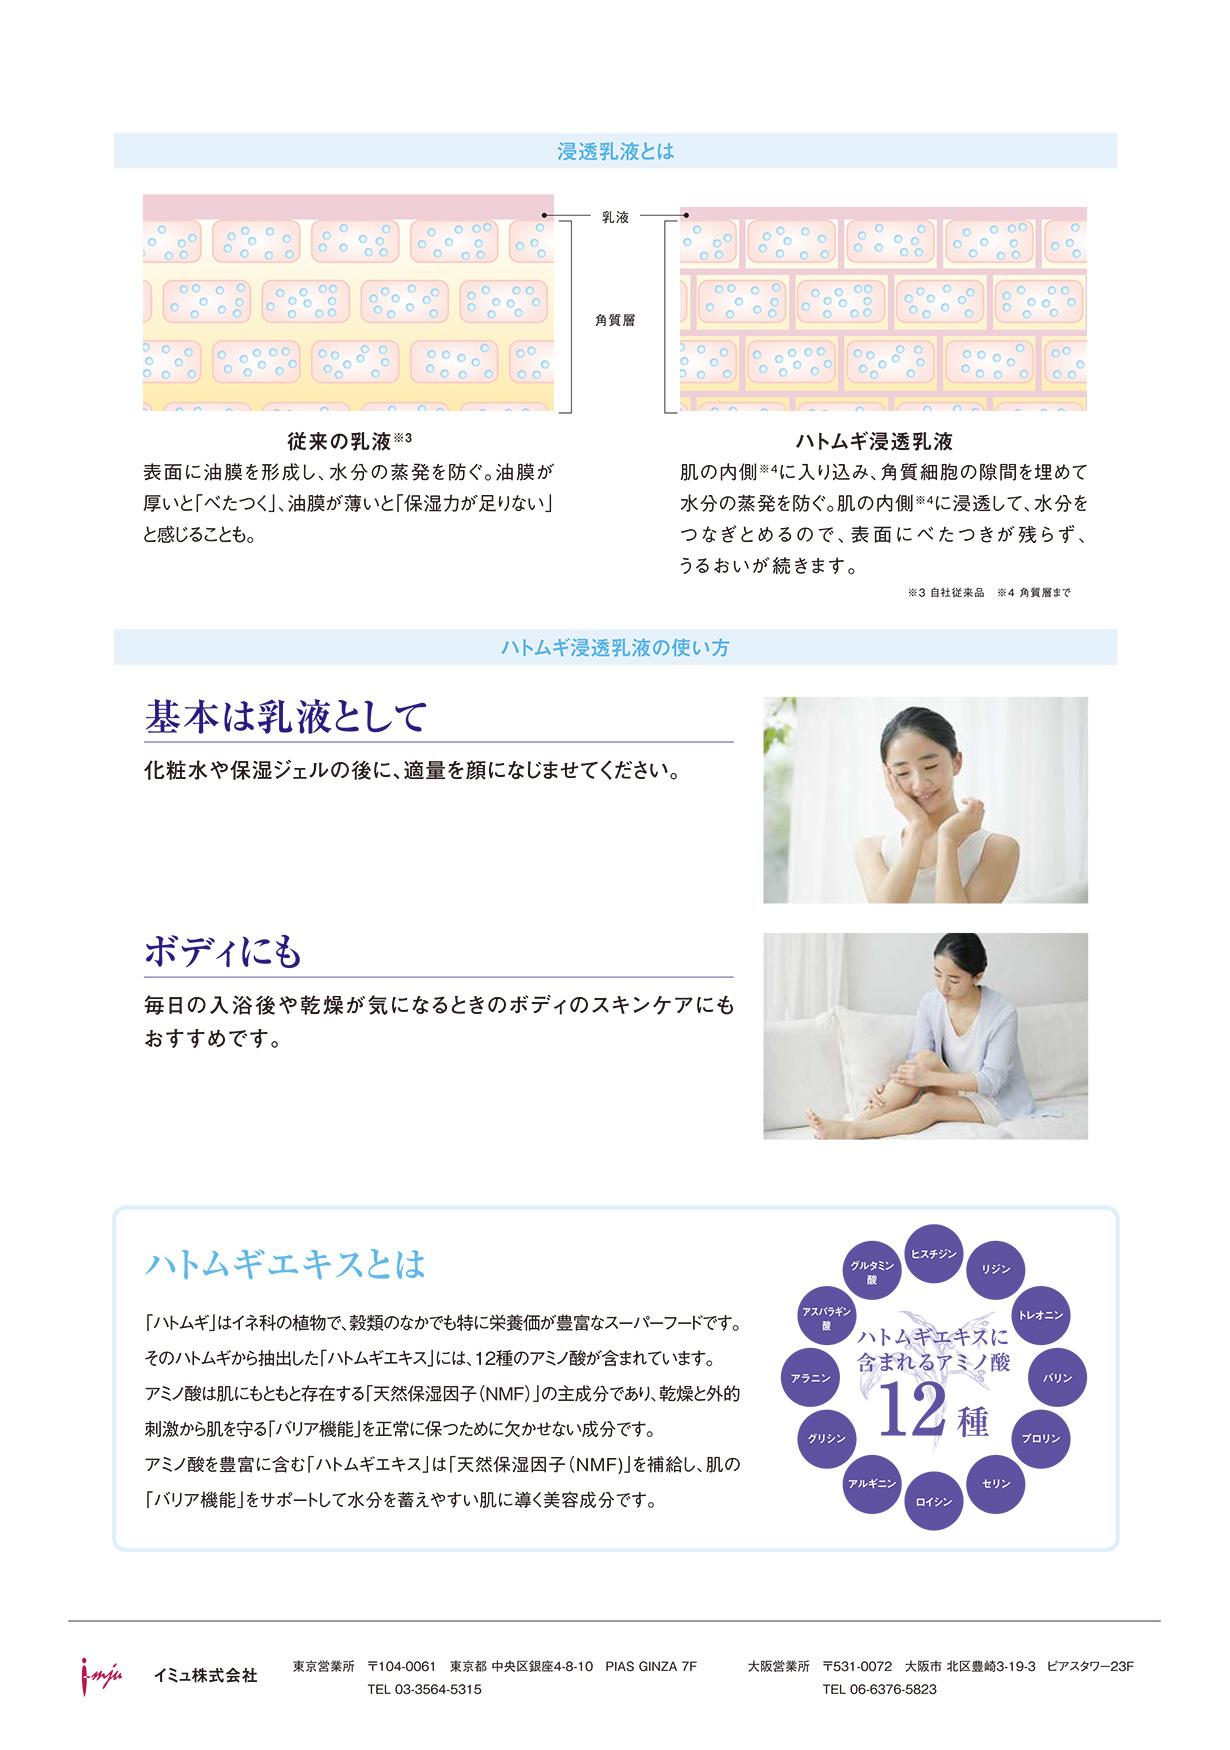 【規定書】ナチュリエ スキンコンディショニングミルク(2)